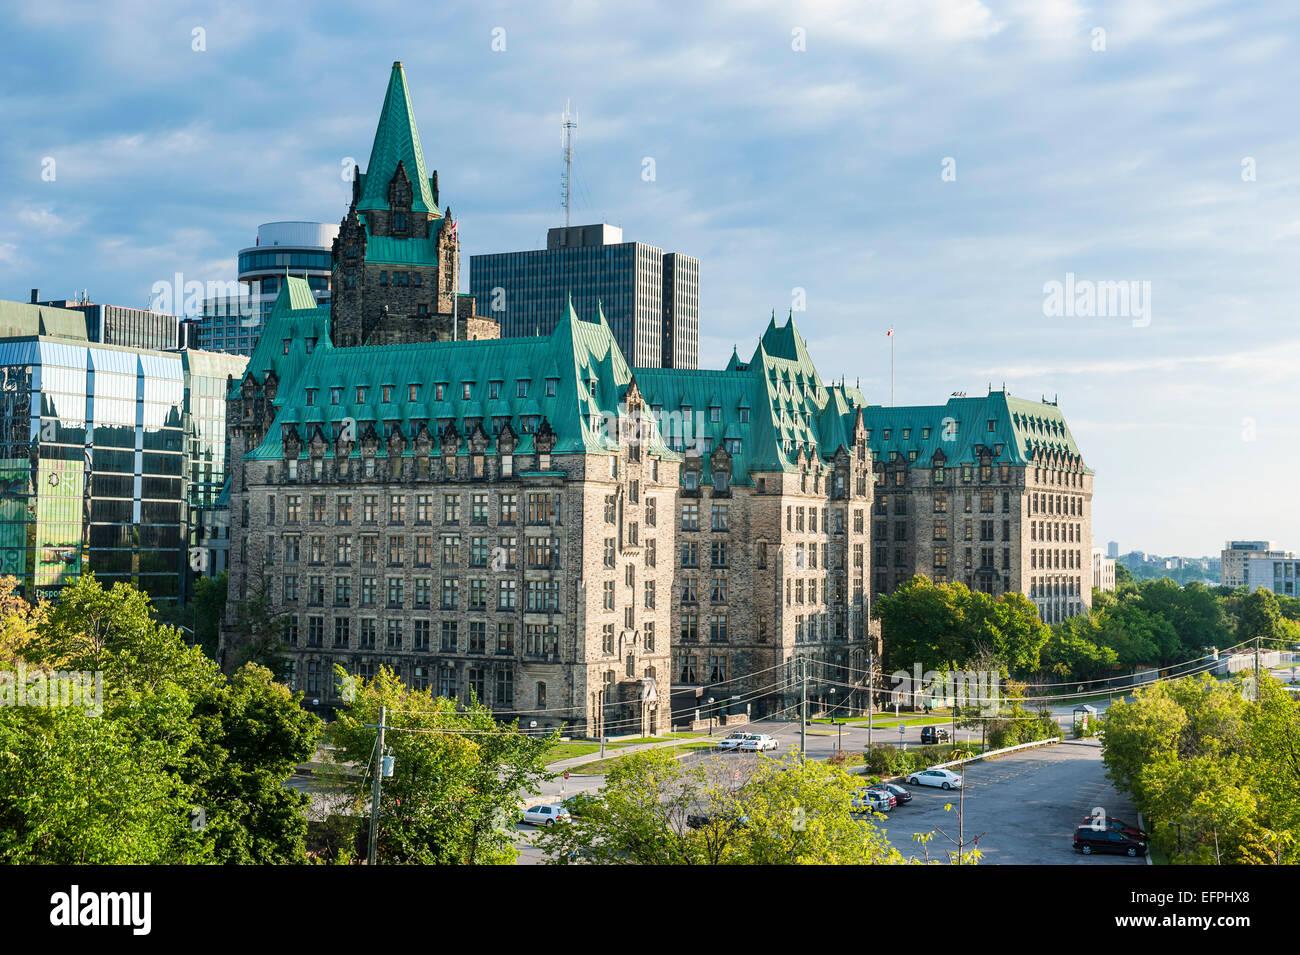 Edificio de la Confederación en el centro de Ottawa, Ontario, Canadá, Norteamérica Imagen De Stock